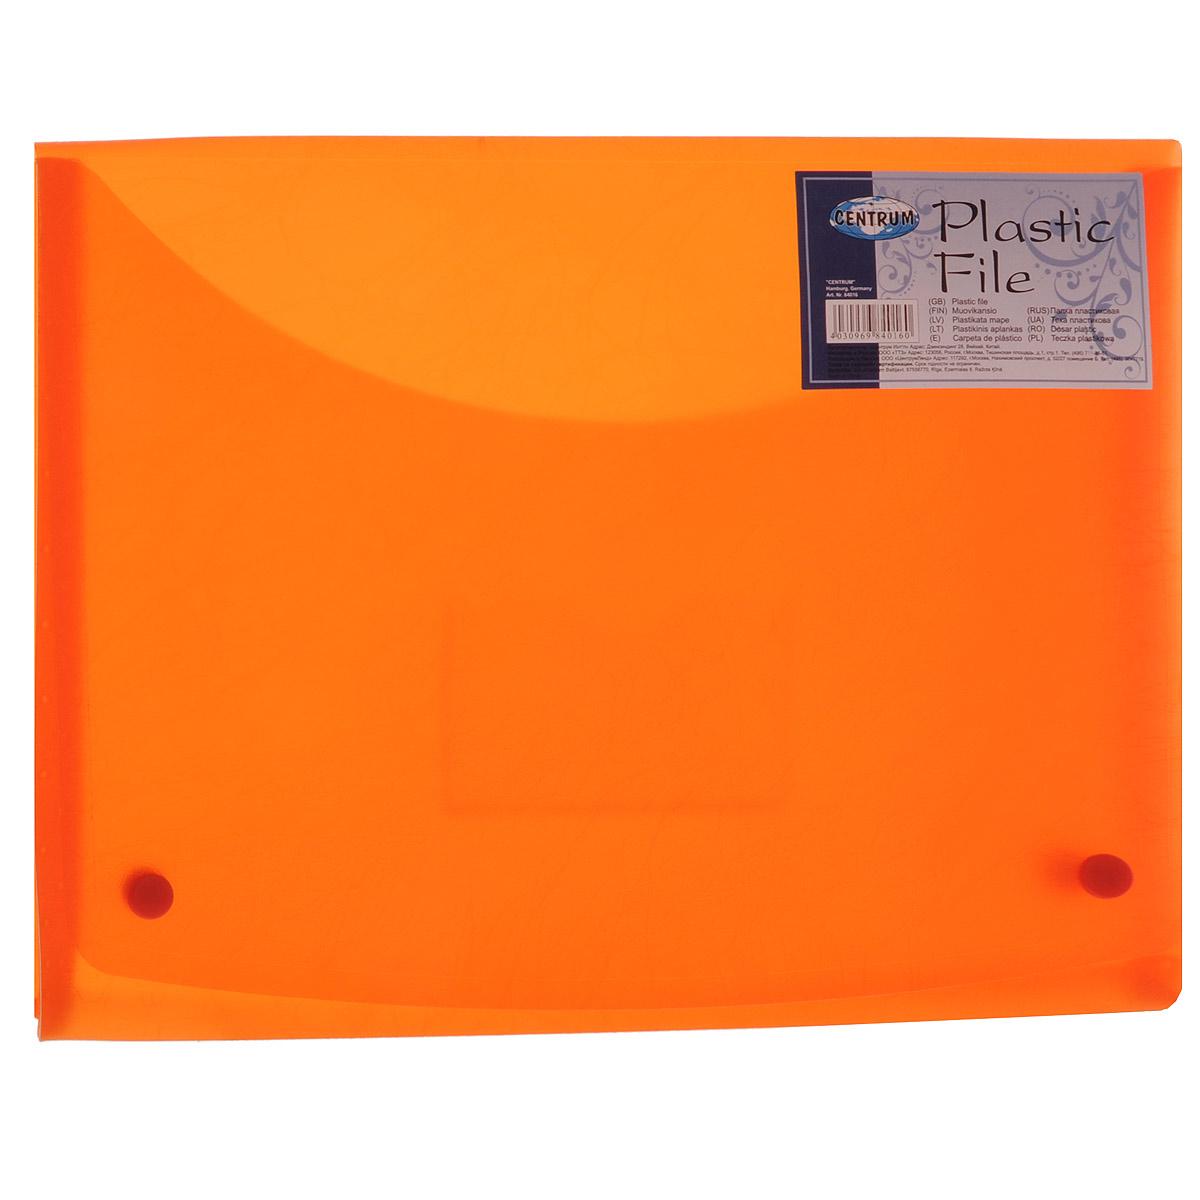 Папка-конверт Centrum Soft Touch, на 2 кнопках, цвет: оранжевый, формат А4ПР4_10465Папка-конверт на кнопках Soft Touch - это удобный и функциональный офисный инструмент, предназначенный для хранения и транспортировки рабочих бумаг и документов формата А4.Папка с двойной угловой фиксацией изготовлена из износостойкого полупрозрачного пластика. Внутри, под клапаном расположен небольшой кармашек для заметок. Папка оформлена оригинальным тиснением.Папка - это незаменимый атрибут для студента, школьника, офисного работника. Такая папка надежно сохранит ваши документы и сбережет их от повреждений, пыли и влаги.